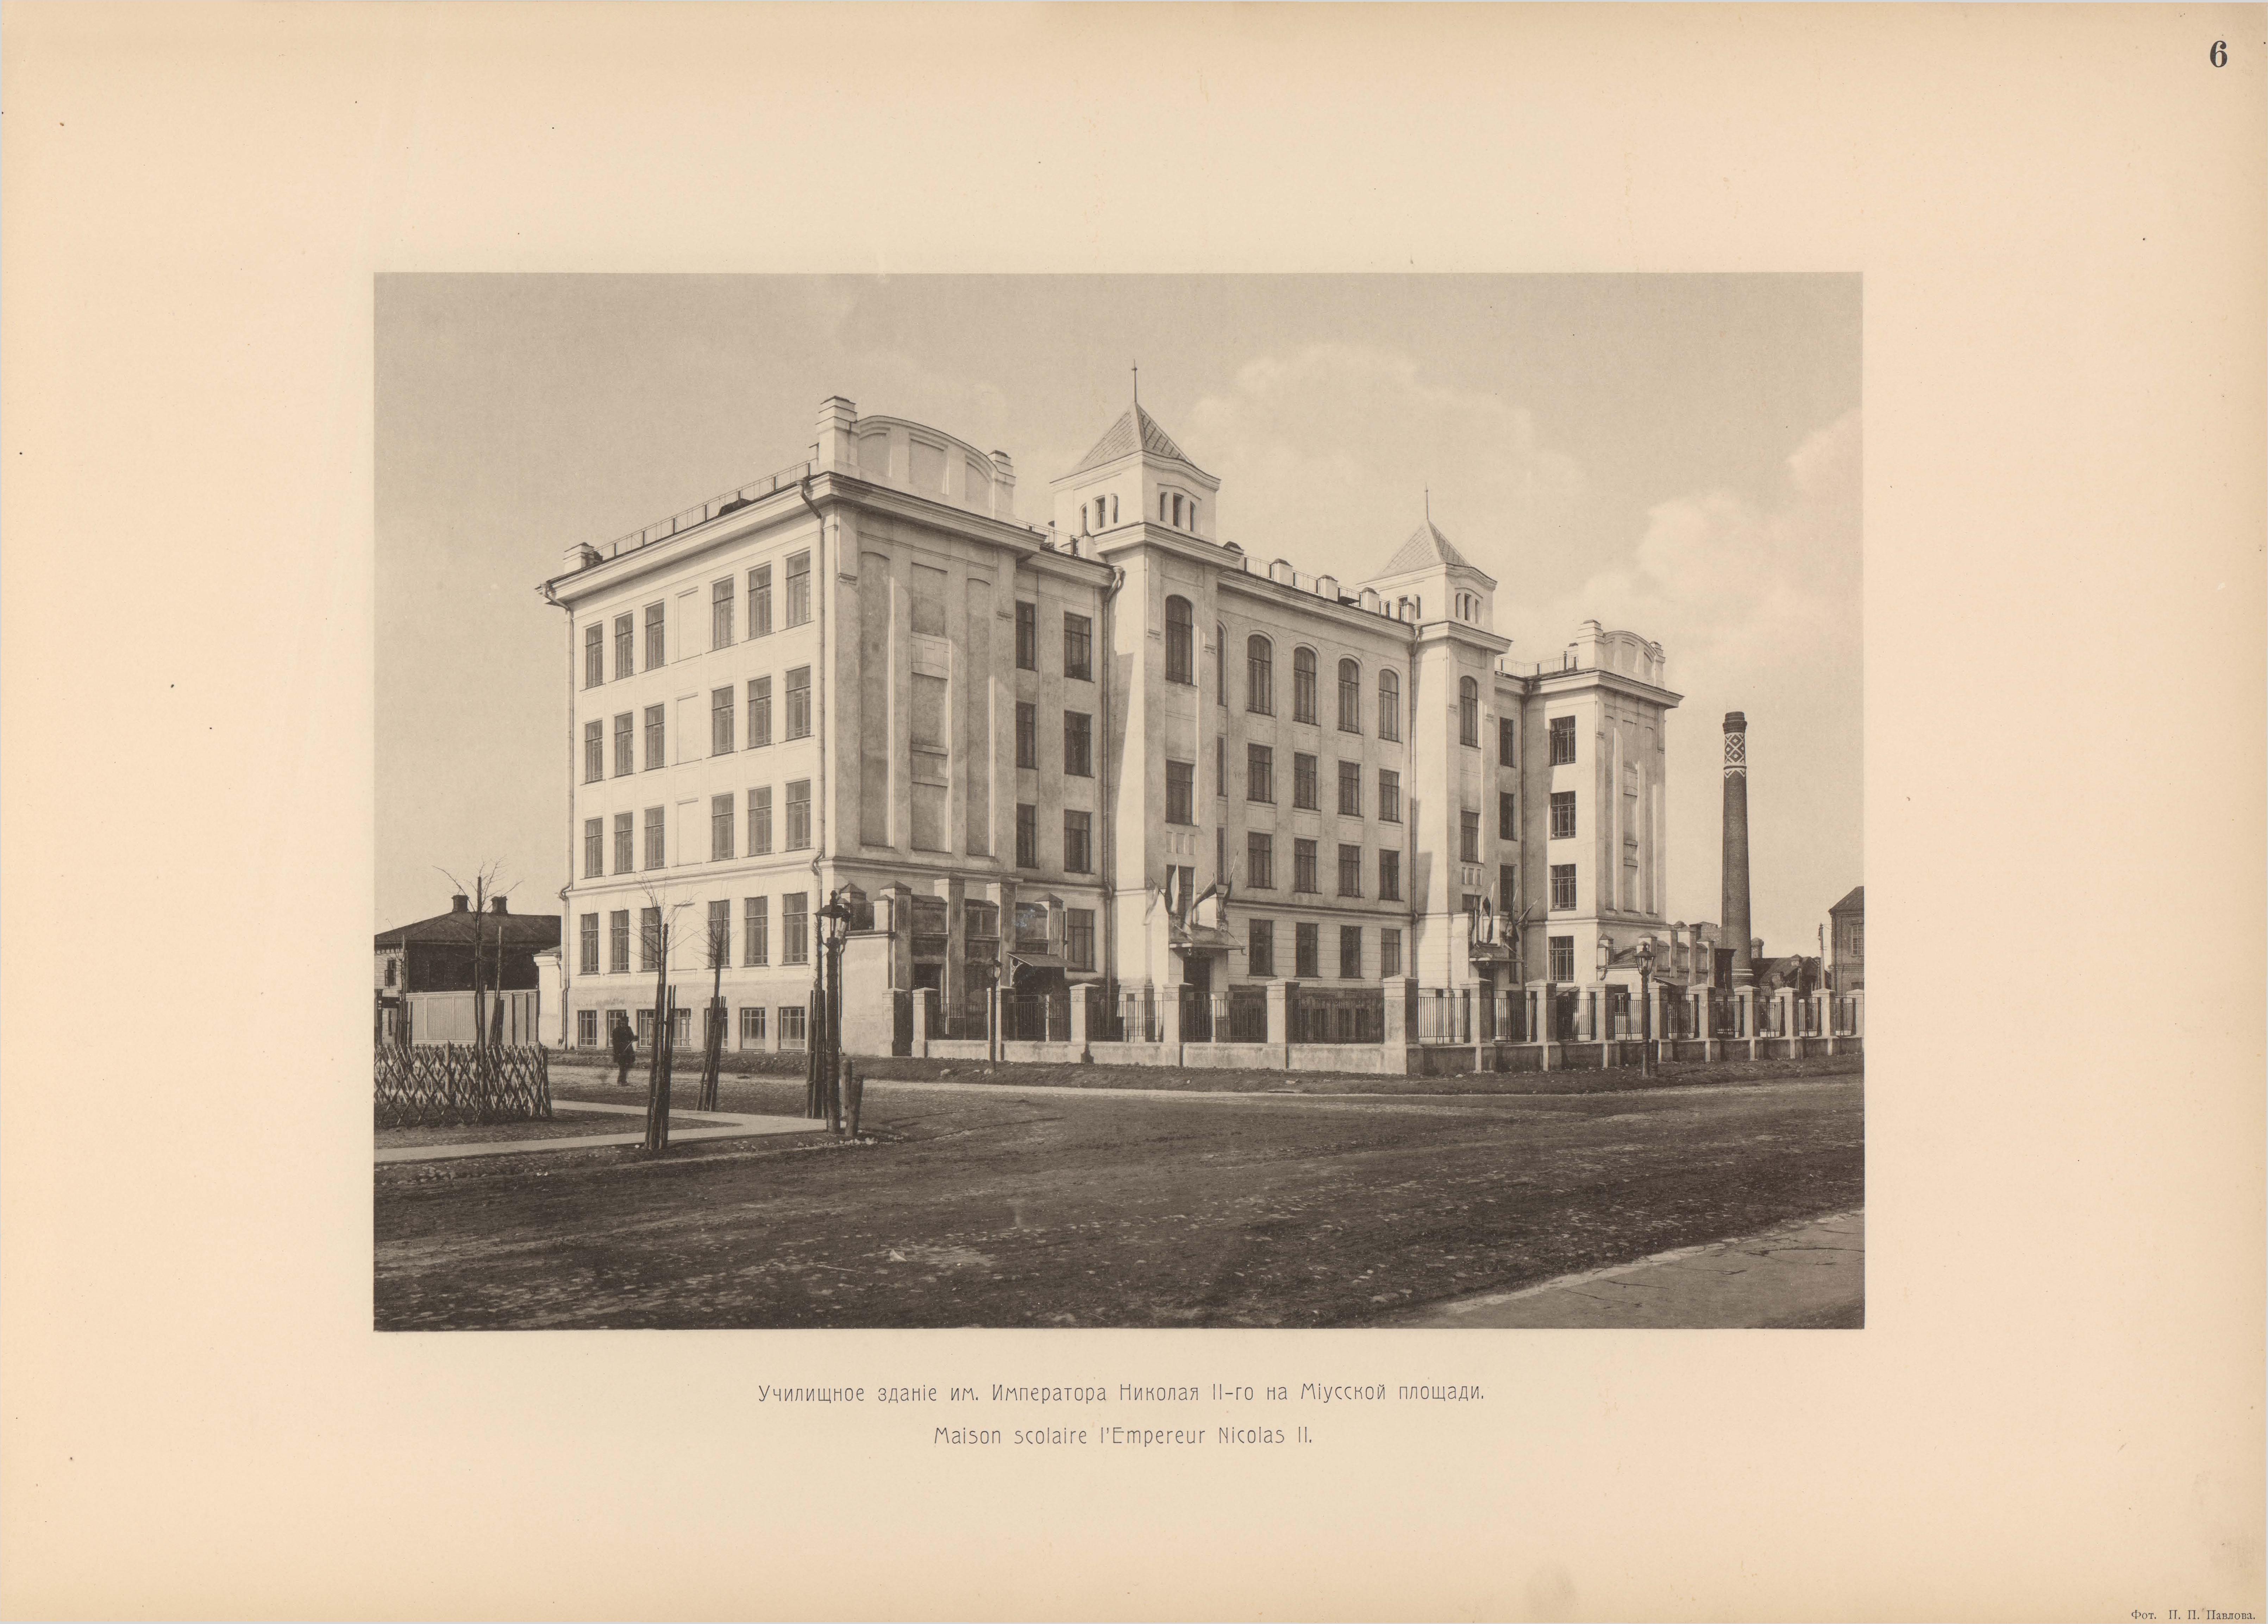 Училищное зданiе им.Императора Николая II